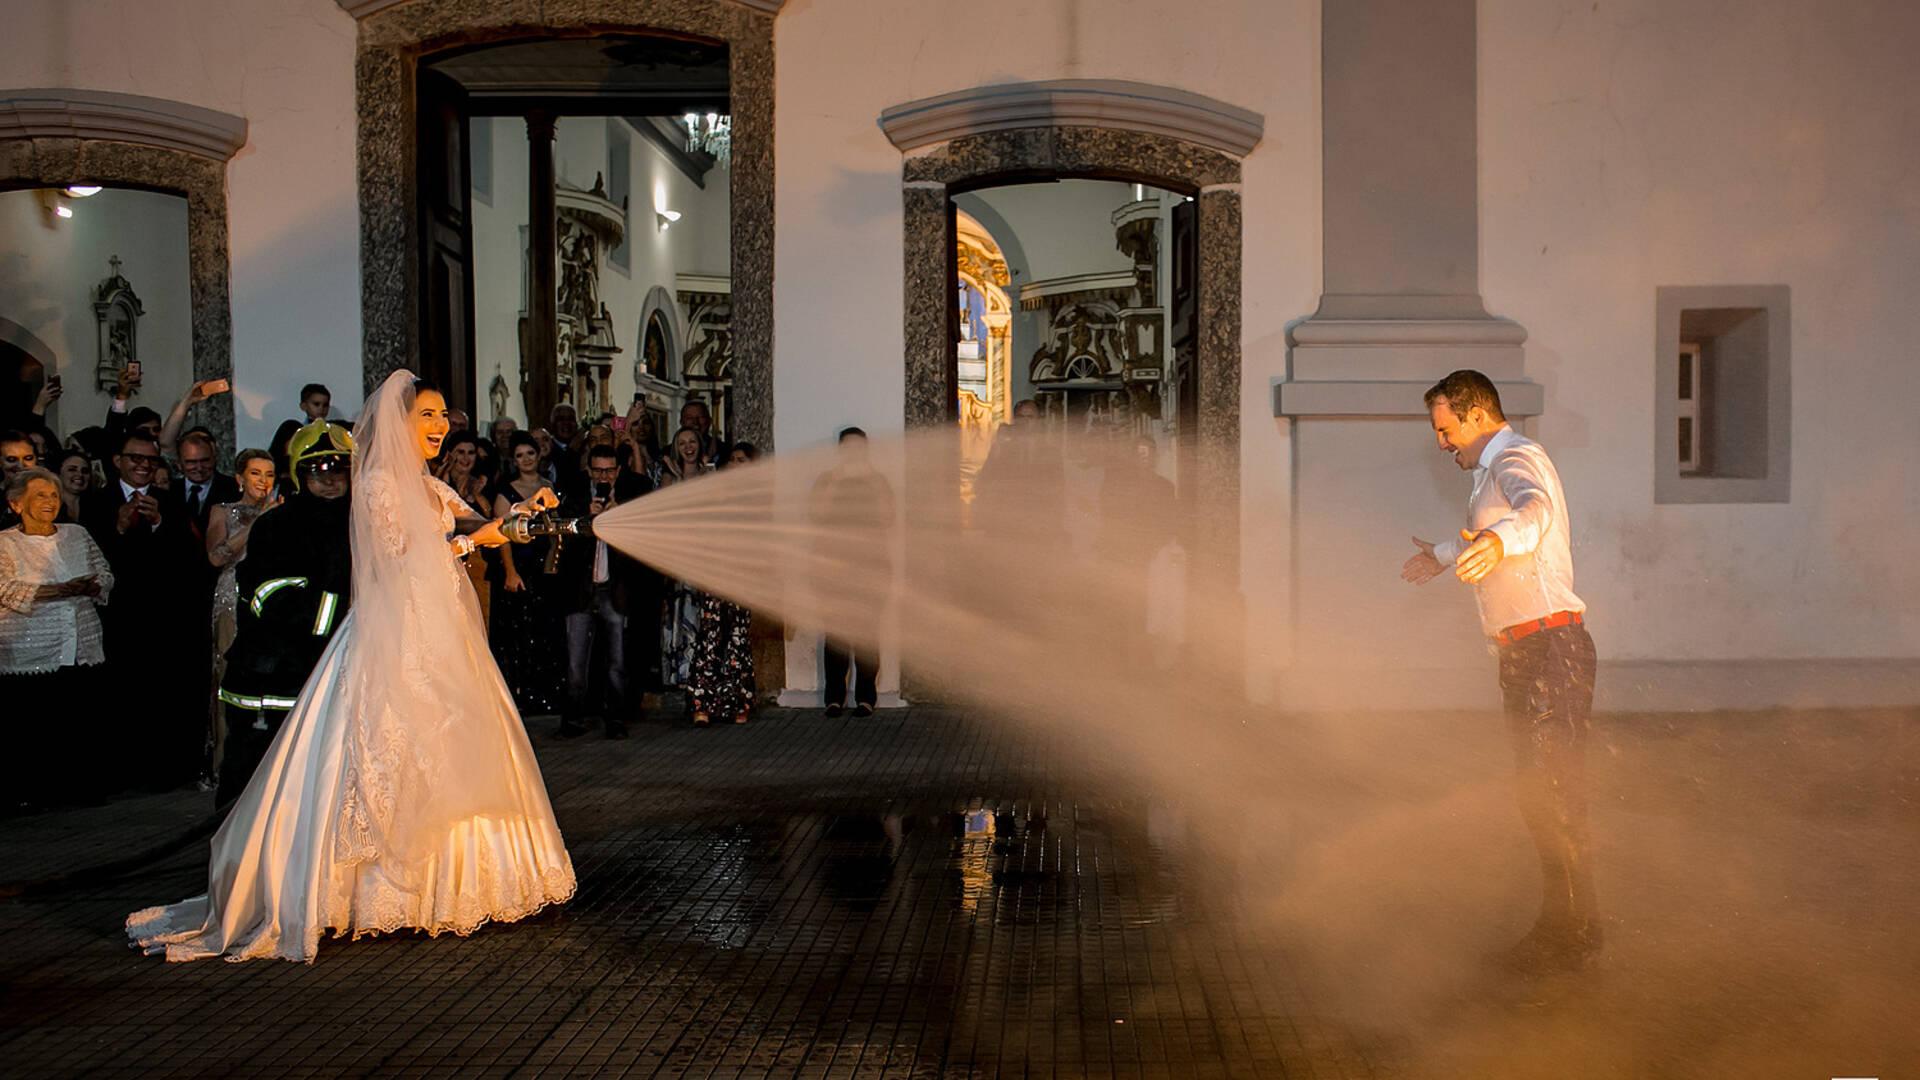 Casamento Bombeiro Militar de Lilian e Junior